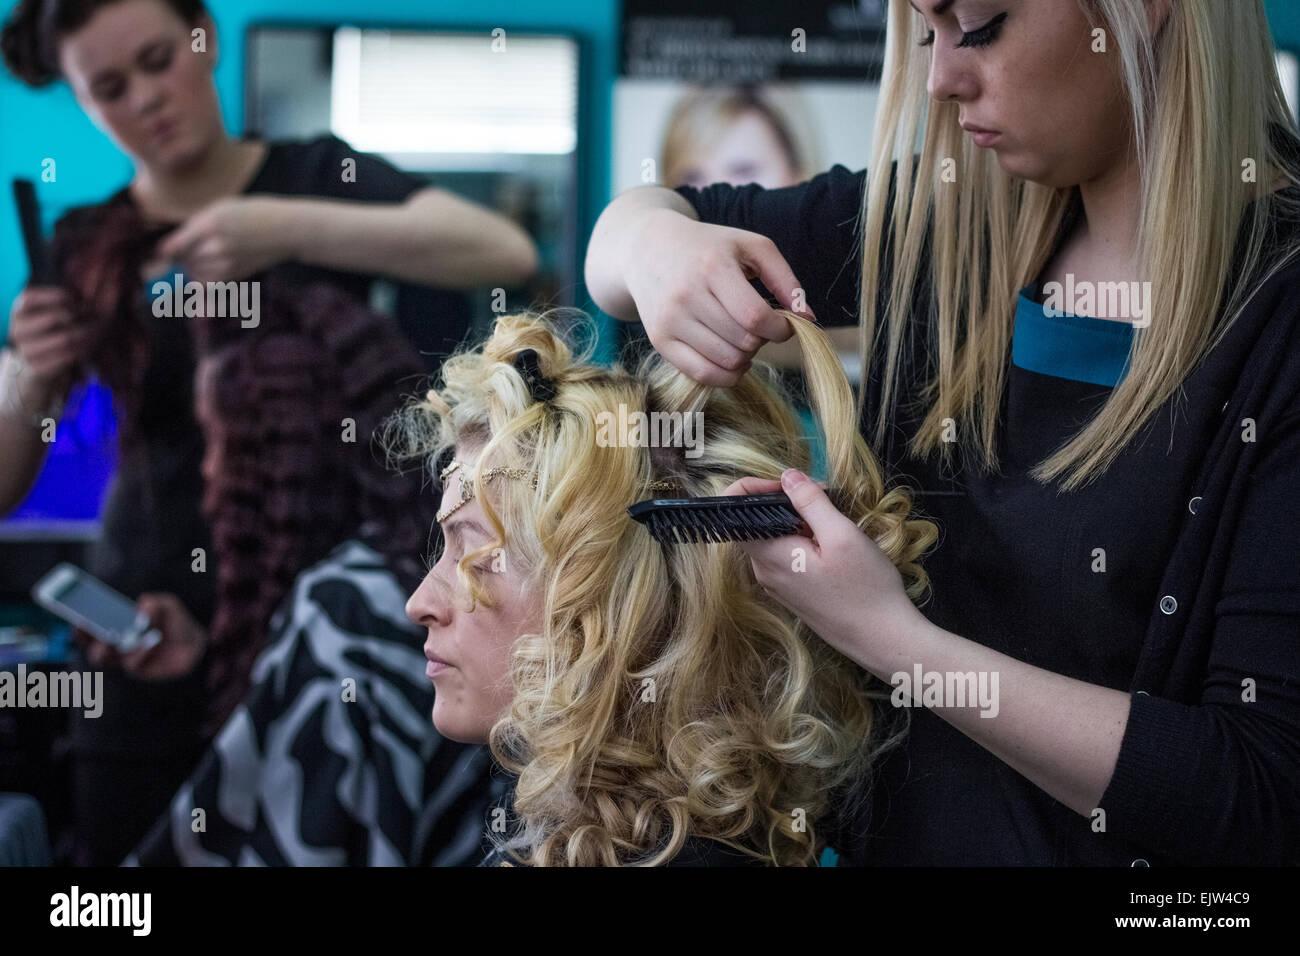 Parrucchieri di lavorare in un salone in uniforme sui modelli femminili con capelli ricci, una bionda, una bruna. Immagini Stock